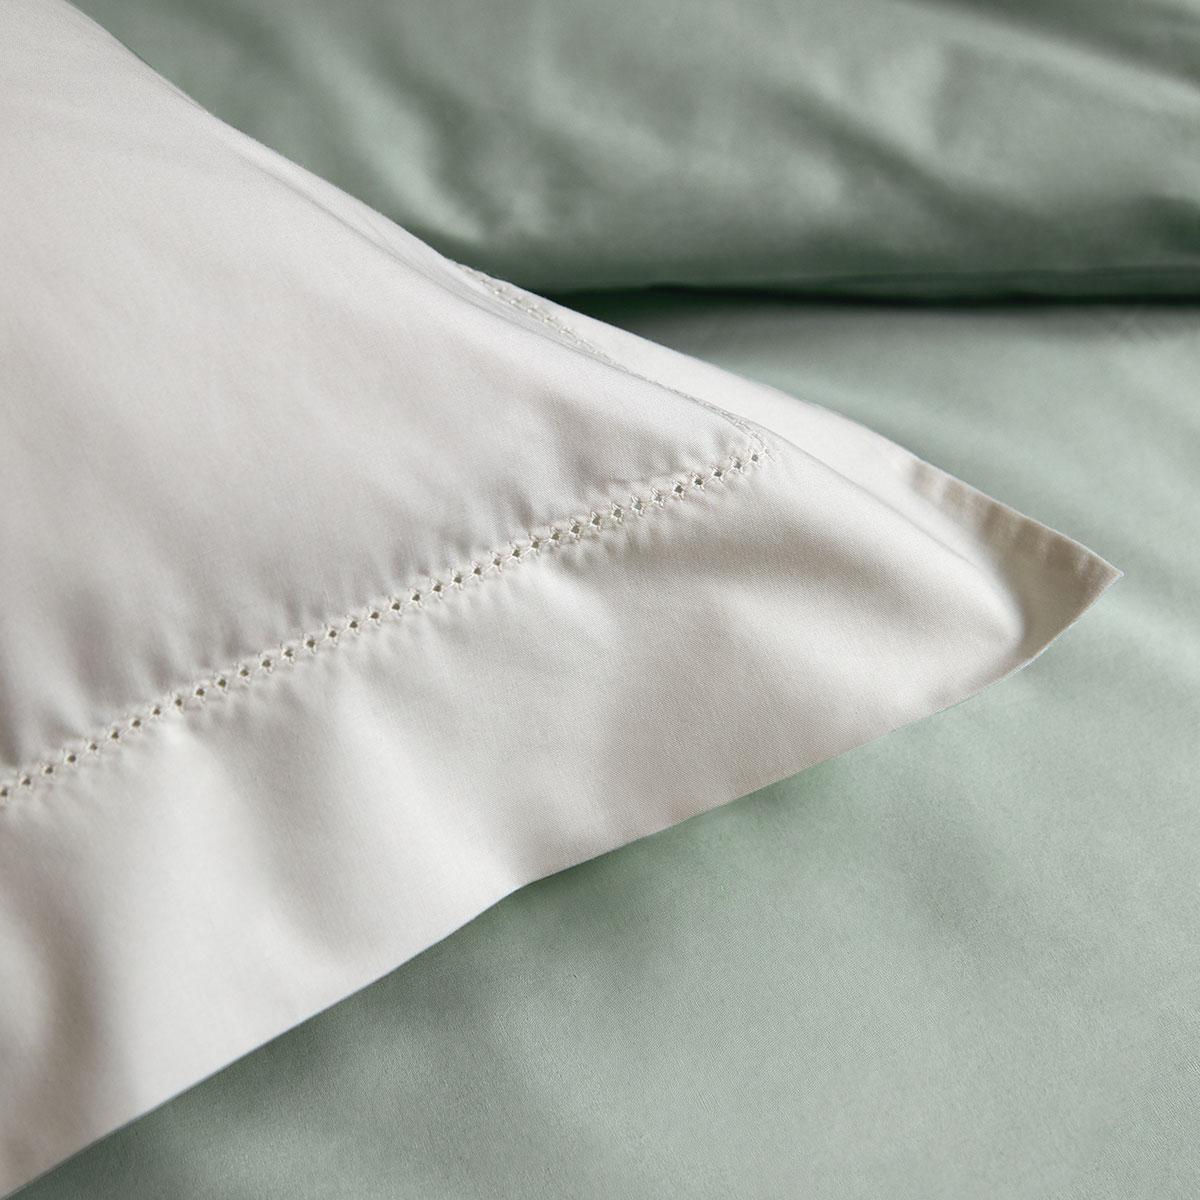 Housse de couette percale Blanc 140 x 200 cm